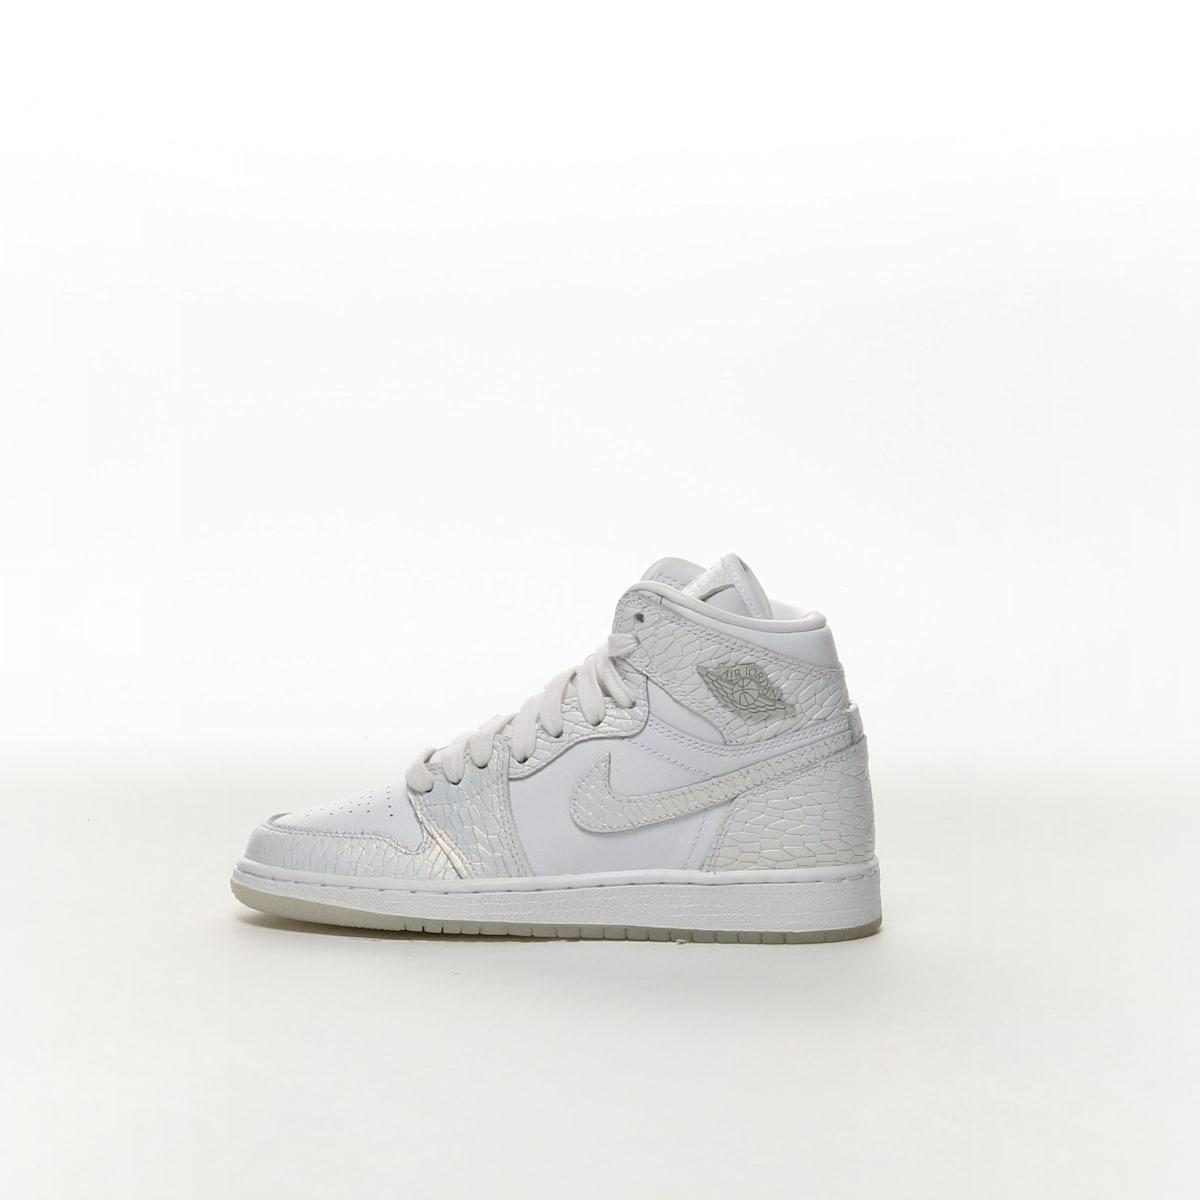 61186bd5318a28 Air Jordan 1 Retro High Premium Heiress - WHITE PURE PLATINUM WHITE ...